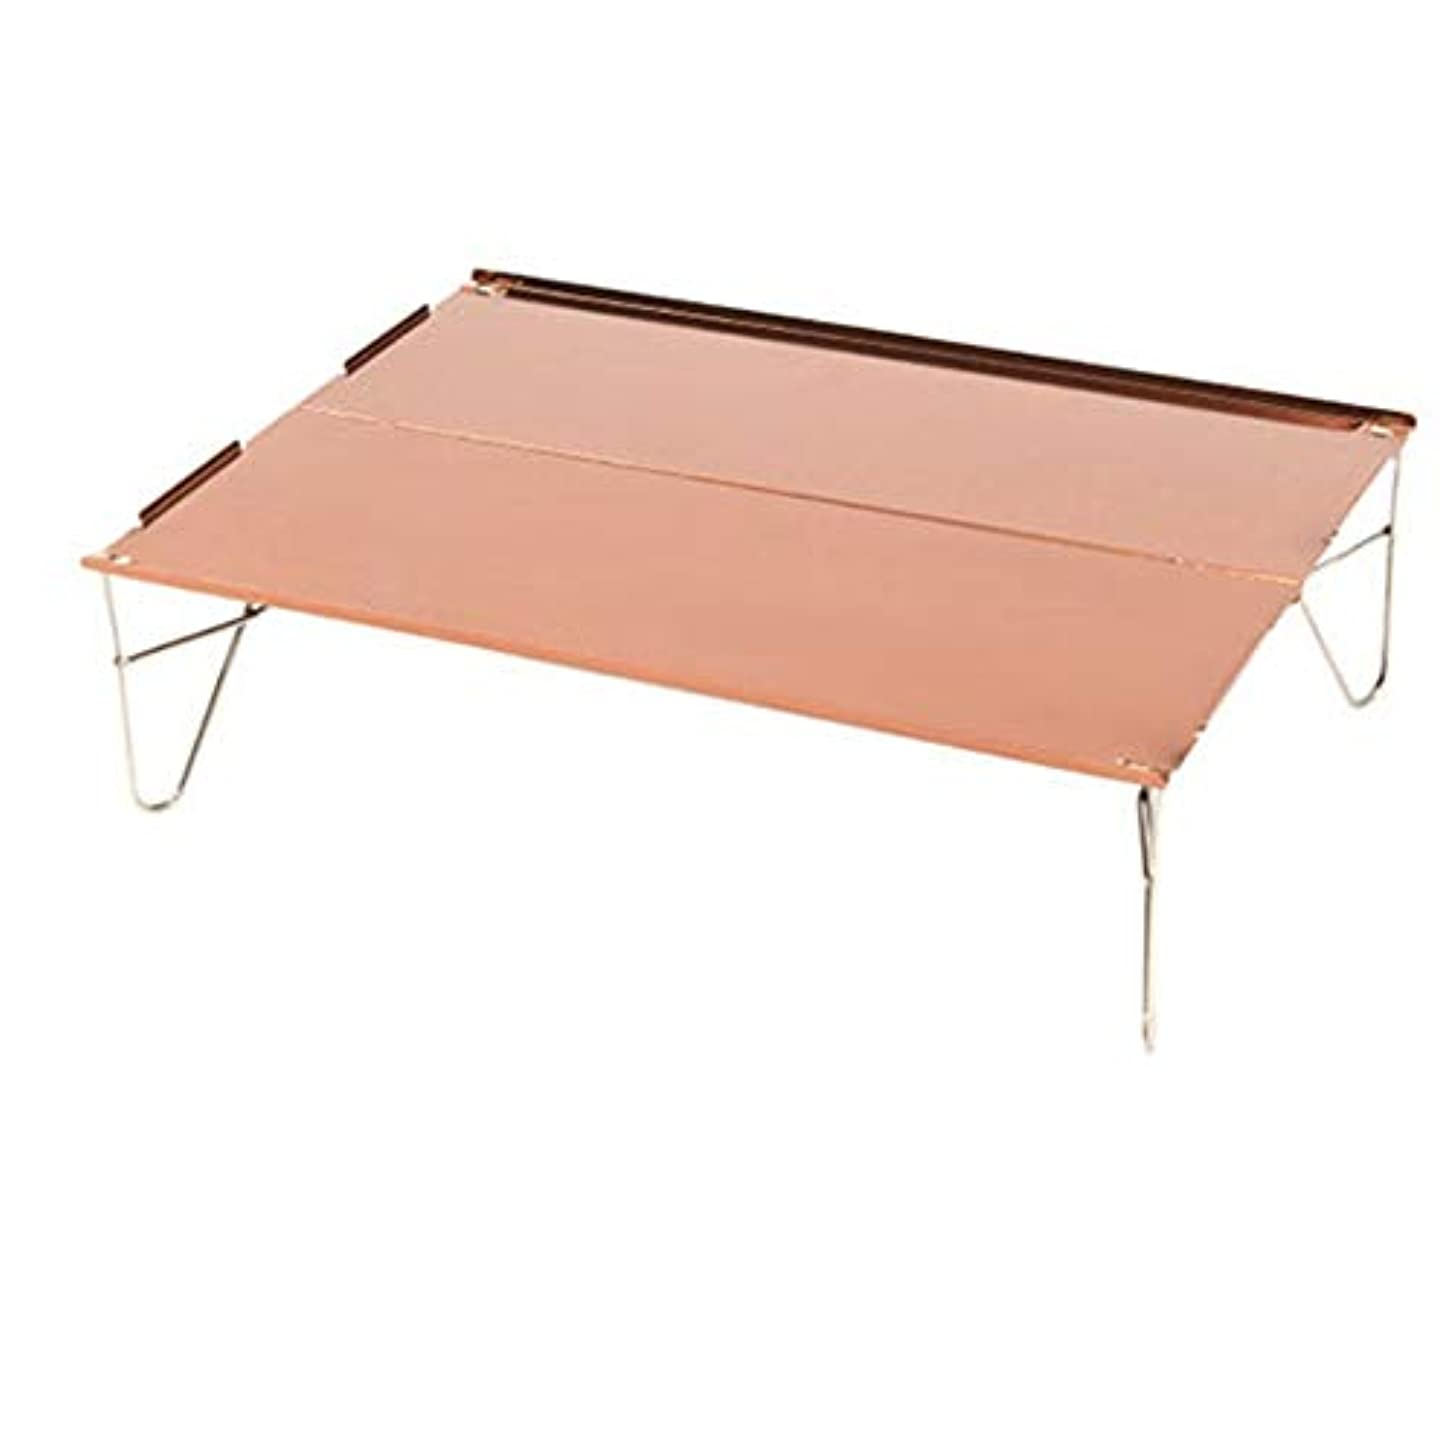 マラソン退却協定ピクニックのためのバッグのトップ簡単できれいなハードトップ折りたたみテーブルアルミテーブル付きポータブルキャンプテーブルをダイニングのために便利 アウトドア キャンプ用 (色 : Golden Rose, サイズ : 36*25*10.5cm)